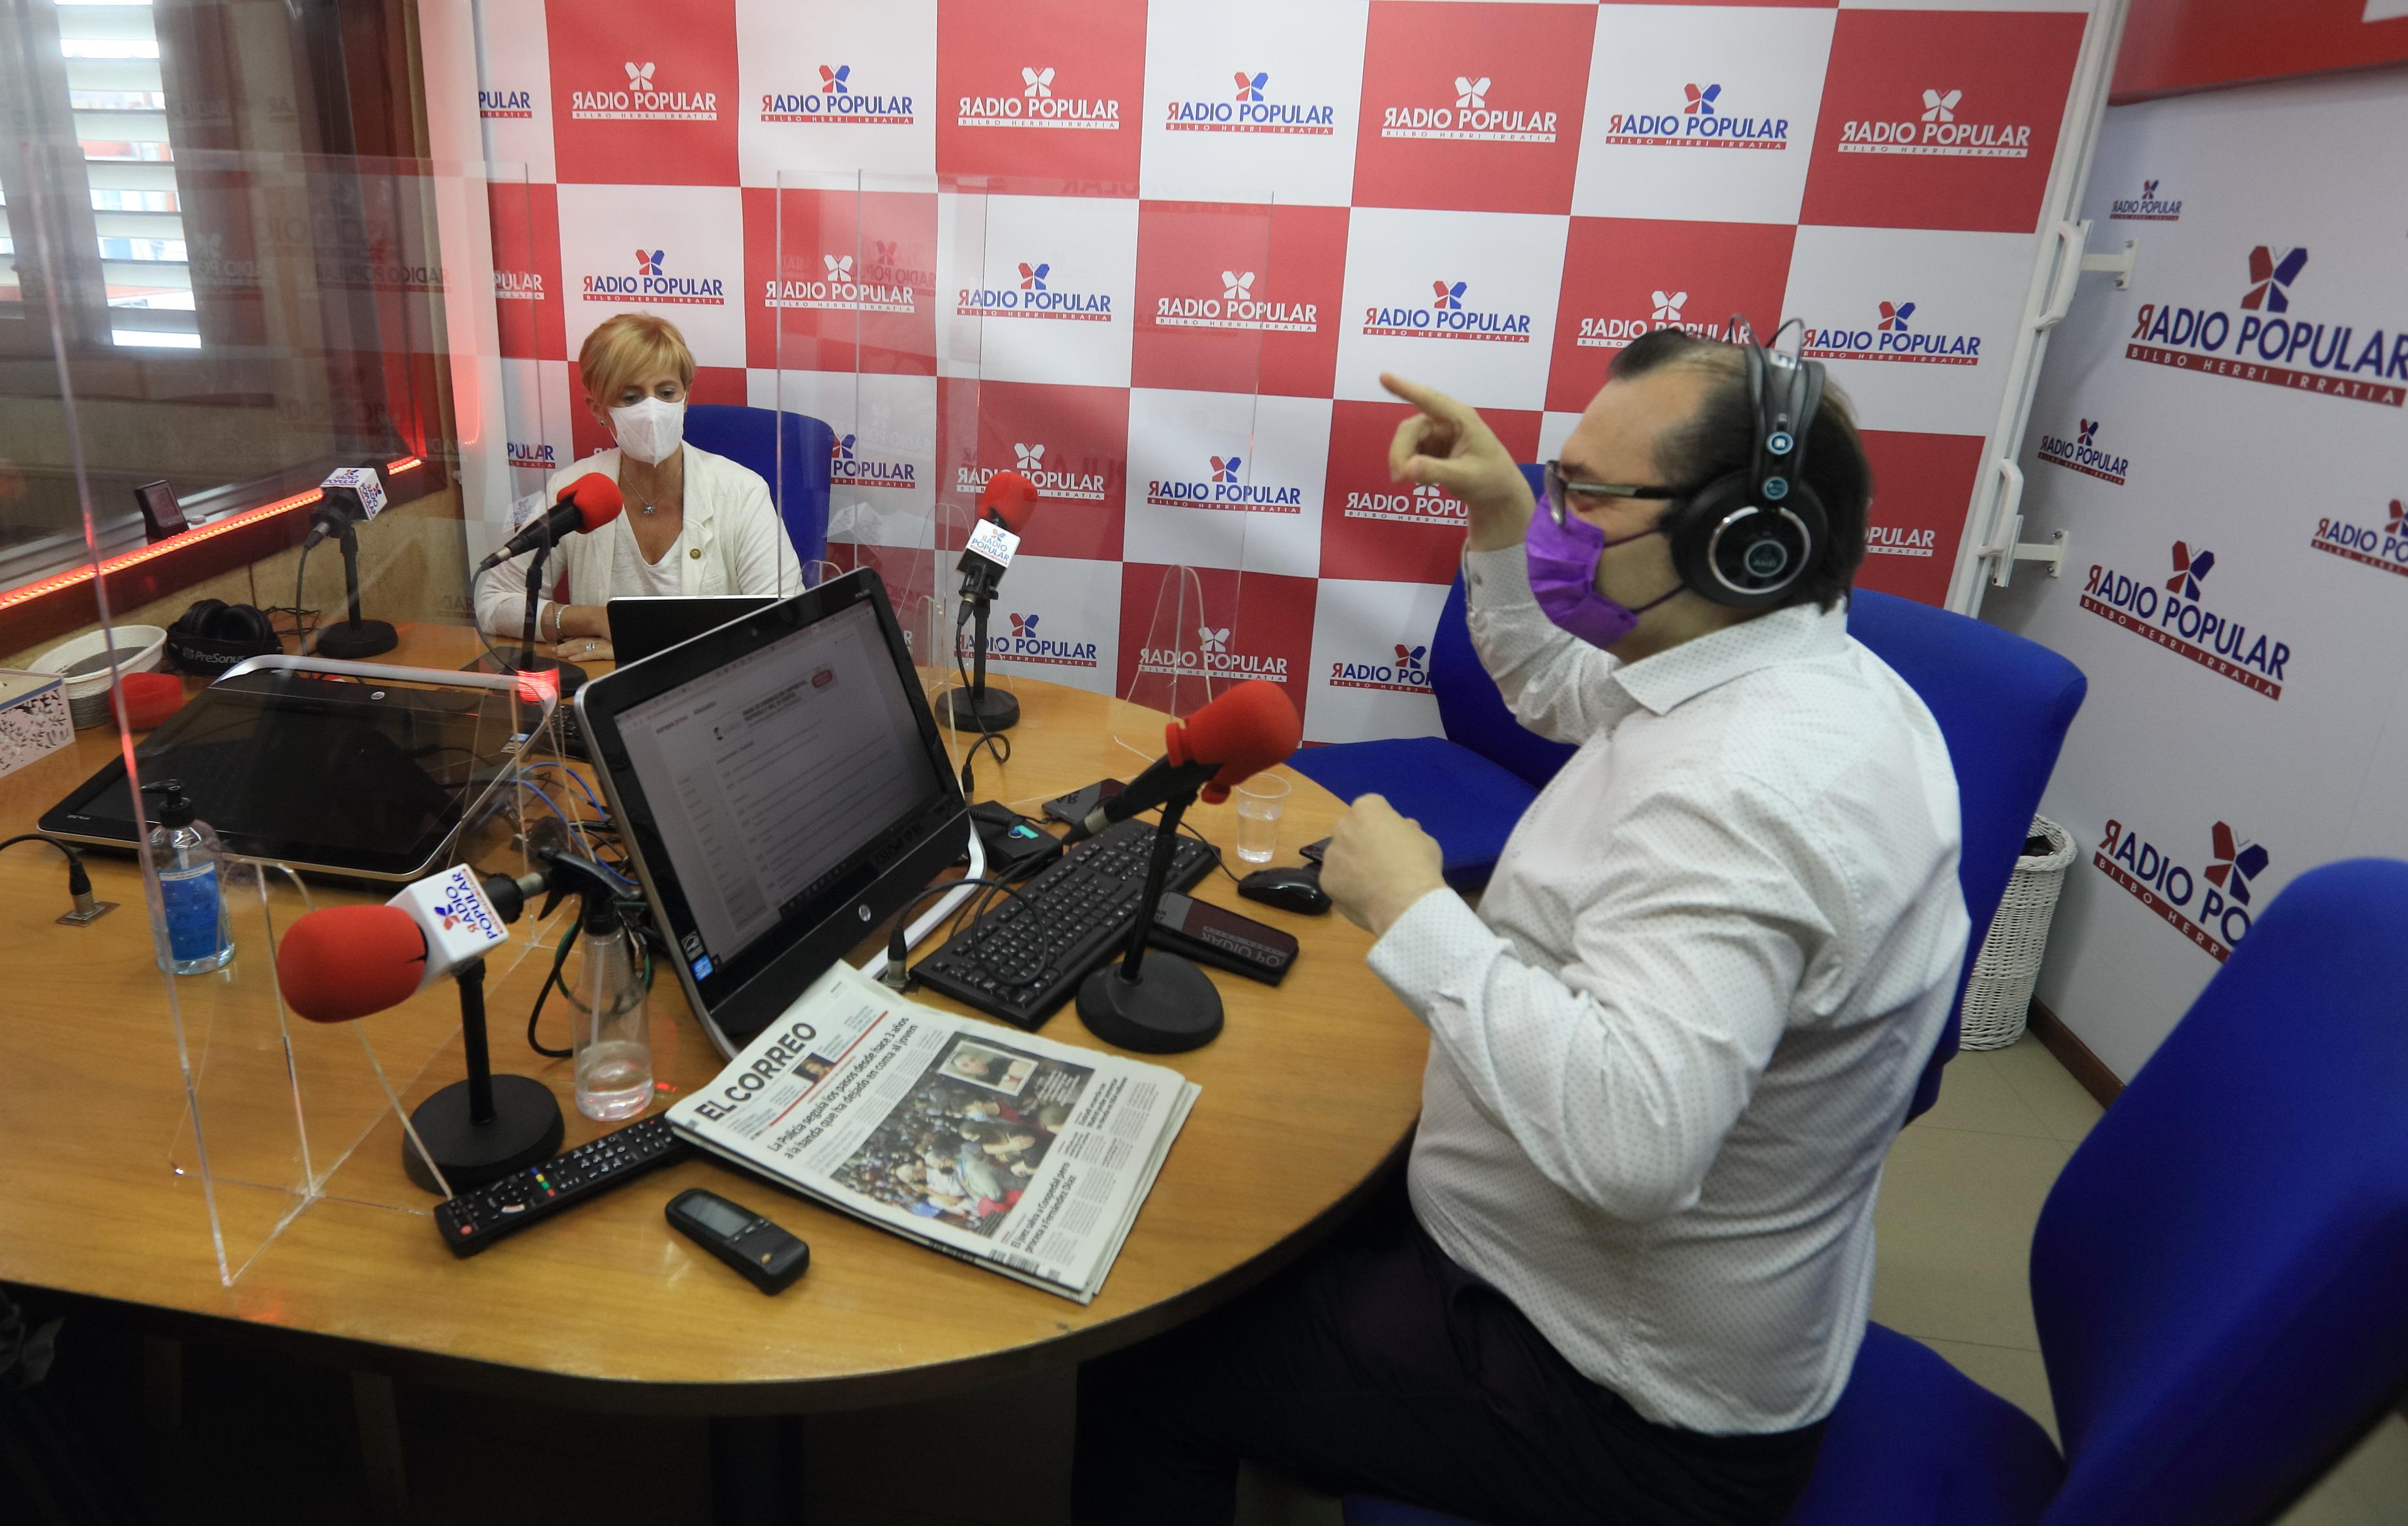 RadioPopular002.JPG